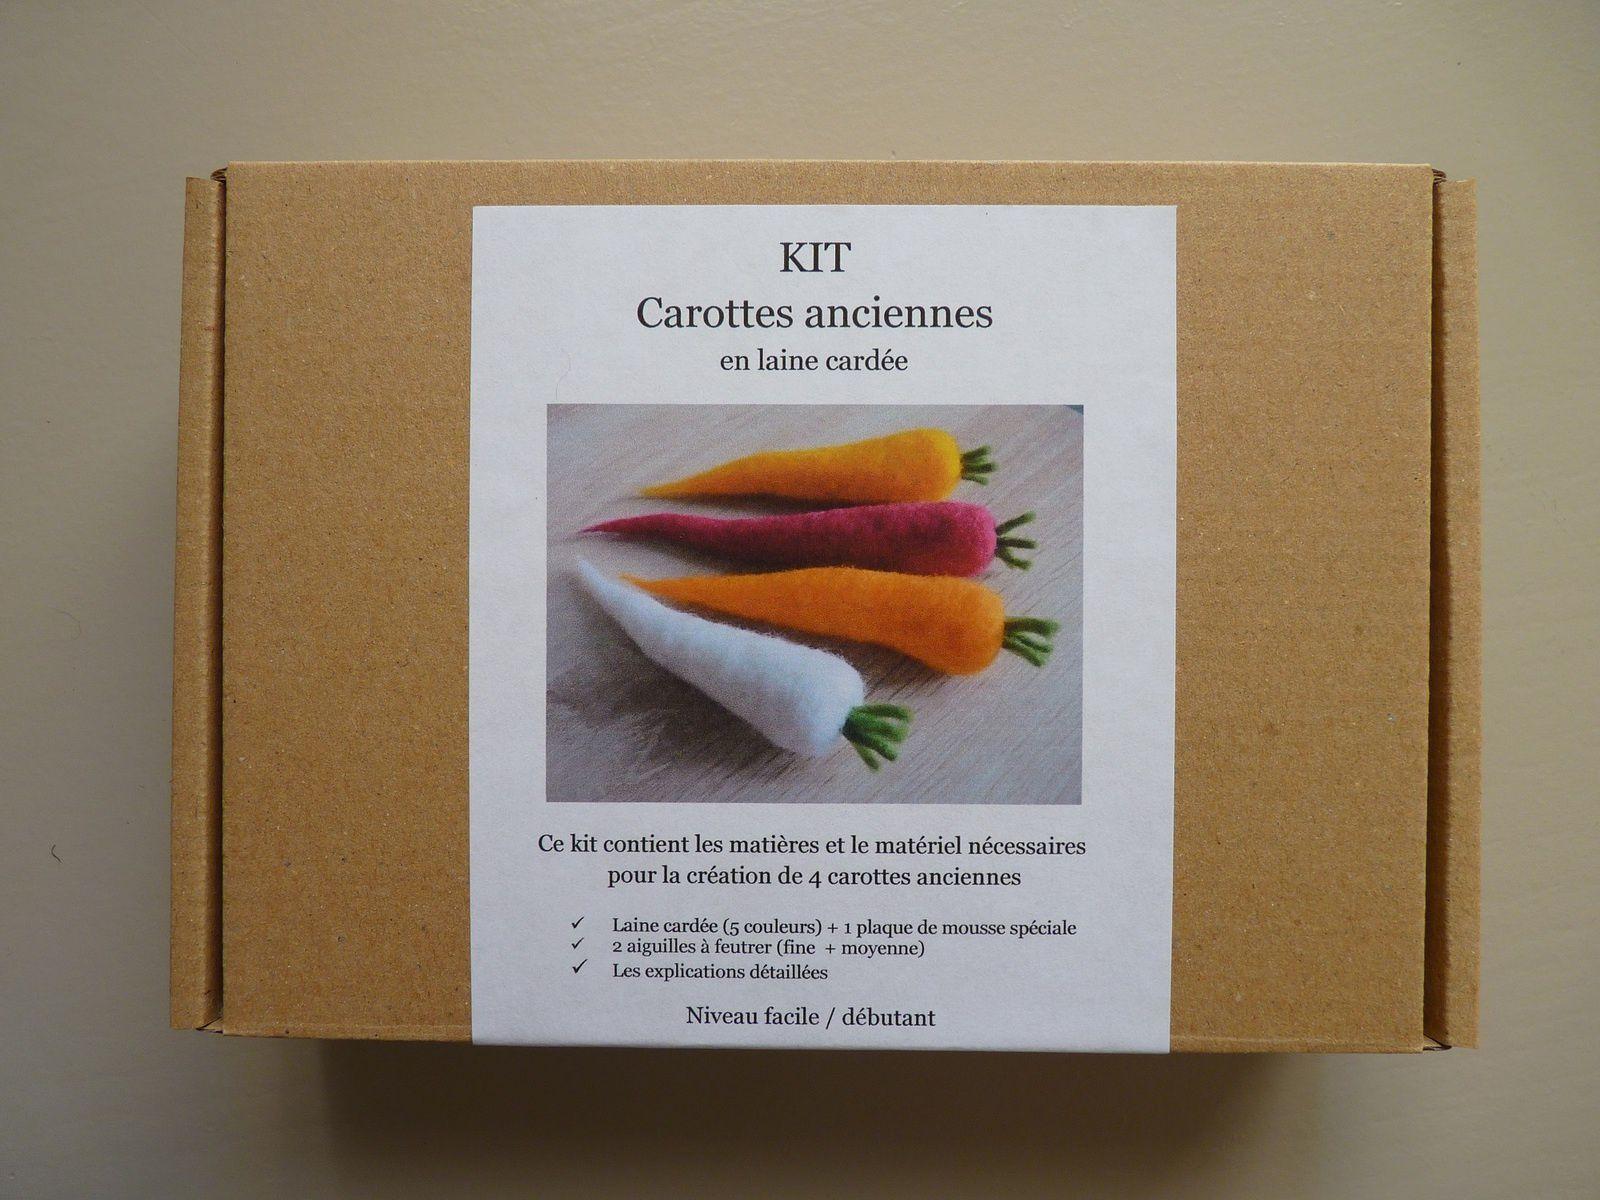 Kit carottes anciennes en laine cardée